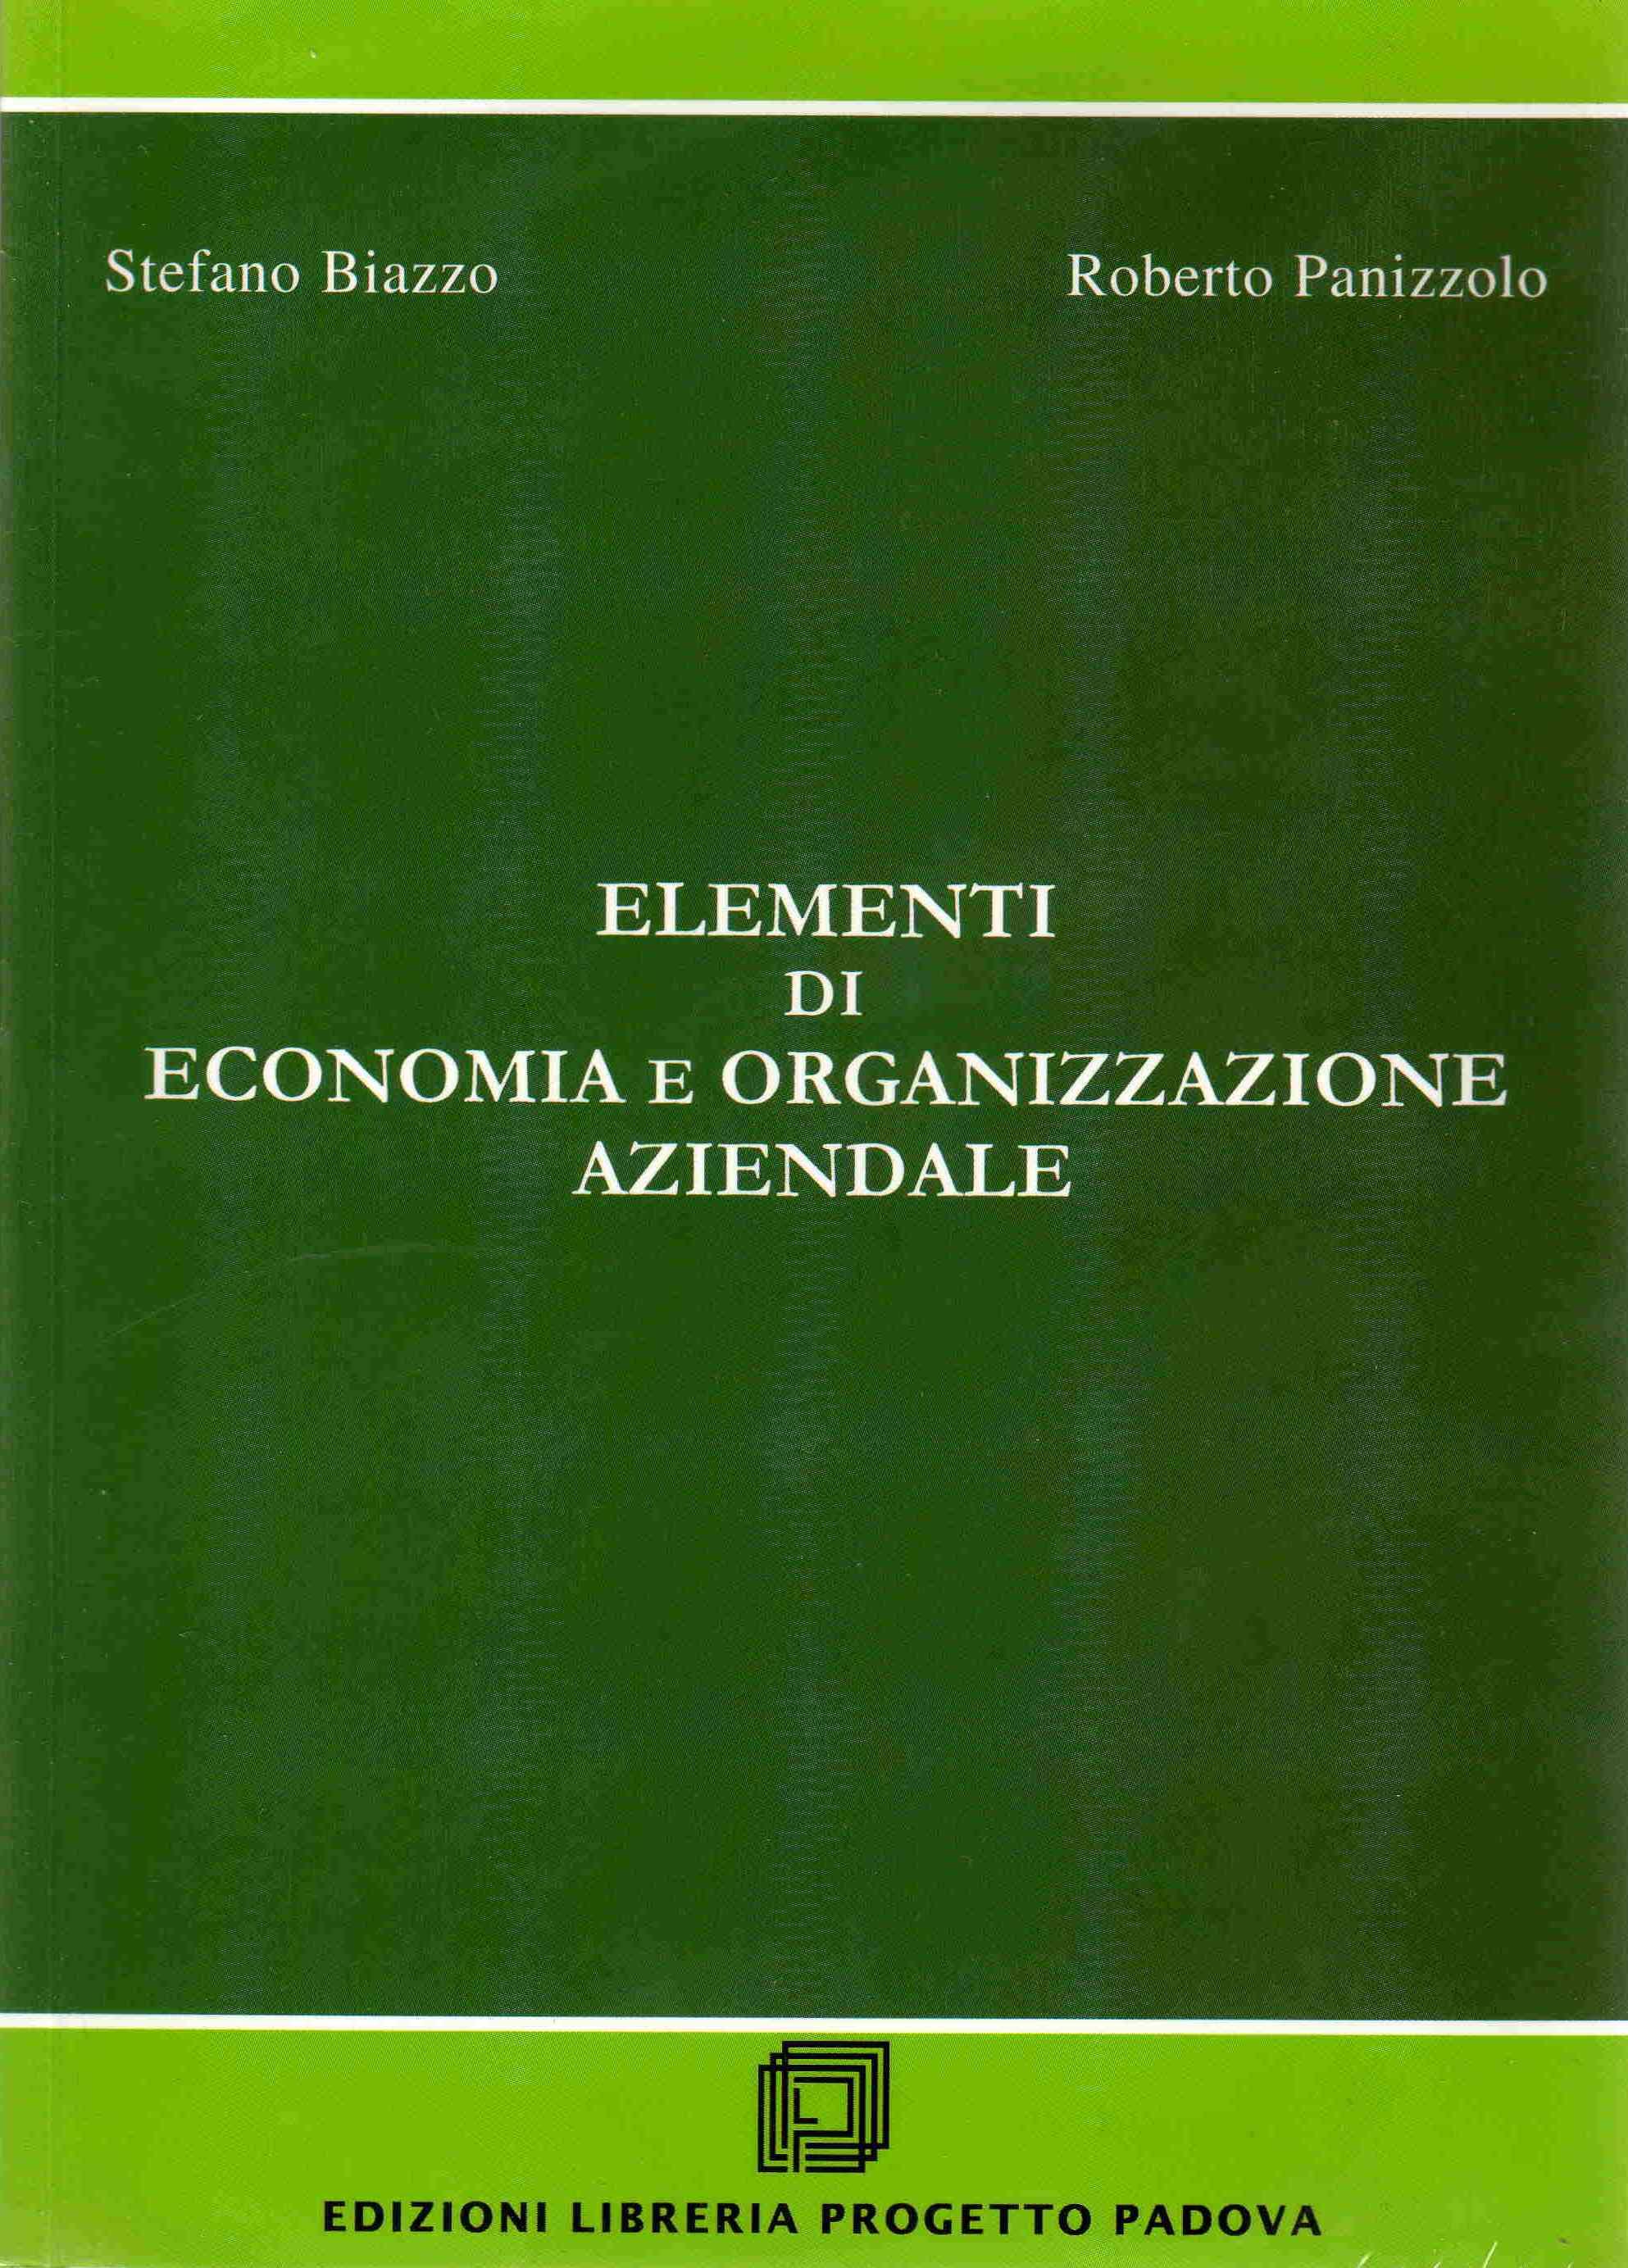 Elementi di economia e organizzazione aziendale